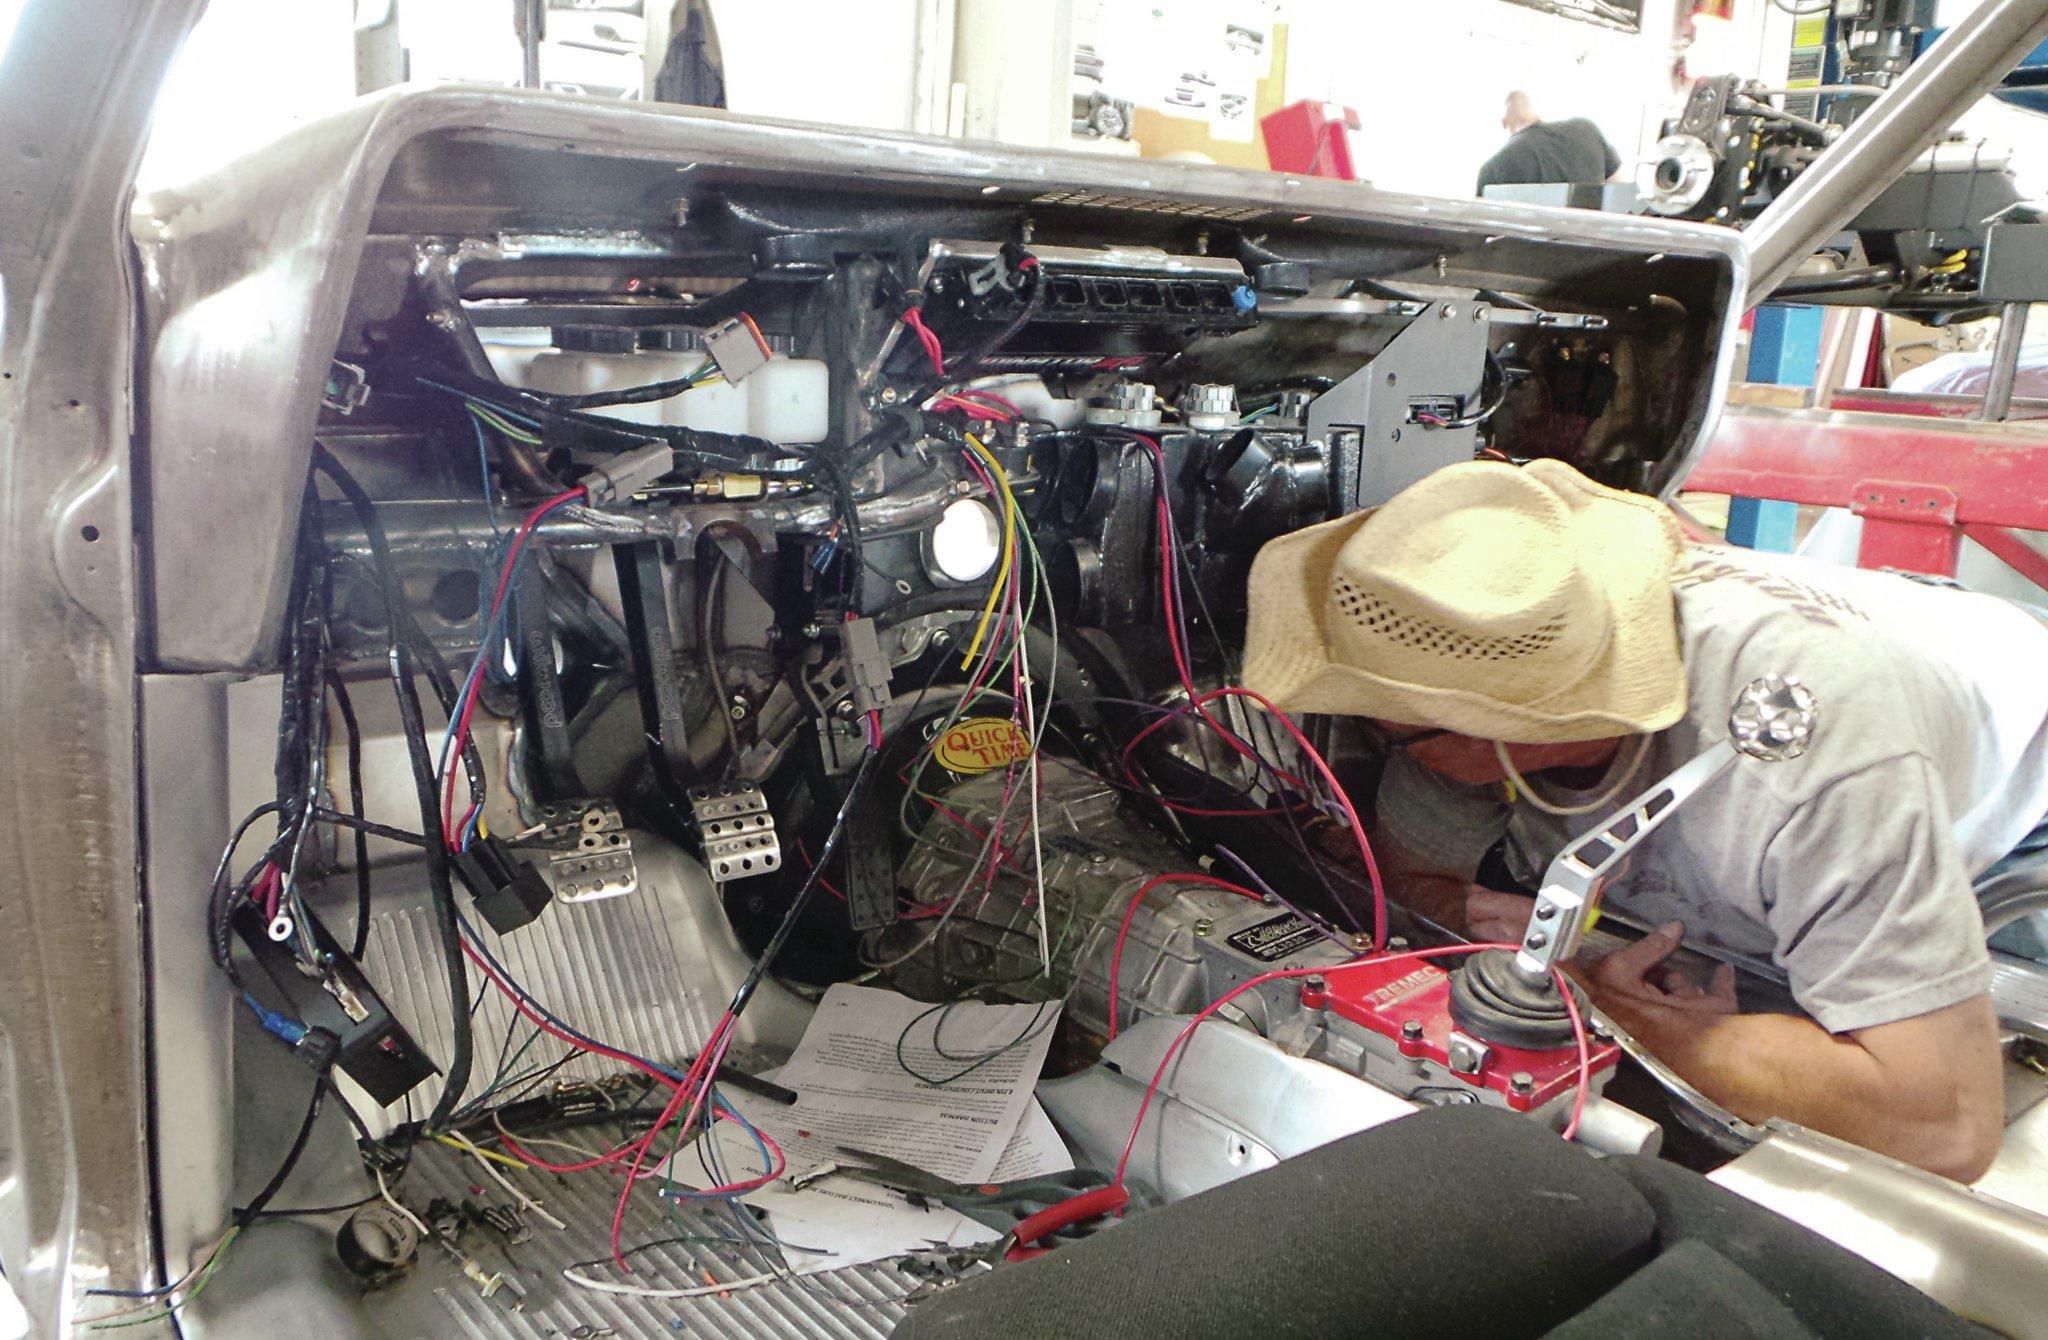 [DIAGRAM_4FR]  CA_4982] 66 Chevelle Engine Wiring Diagram Schematic Wiring | 1966 Chevelle Engine Harness Diagram |  | Hila Hapolo Mohammedshrine Librar Wiring 101